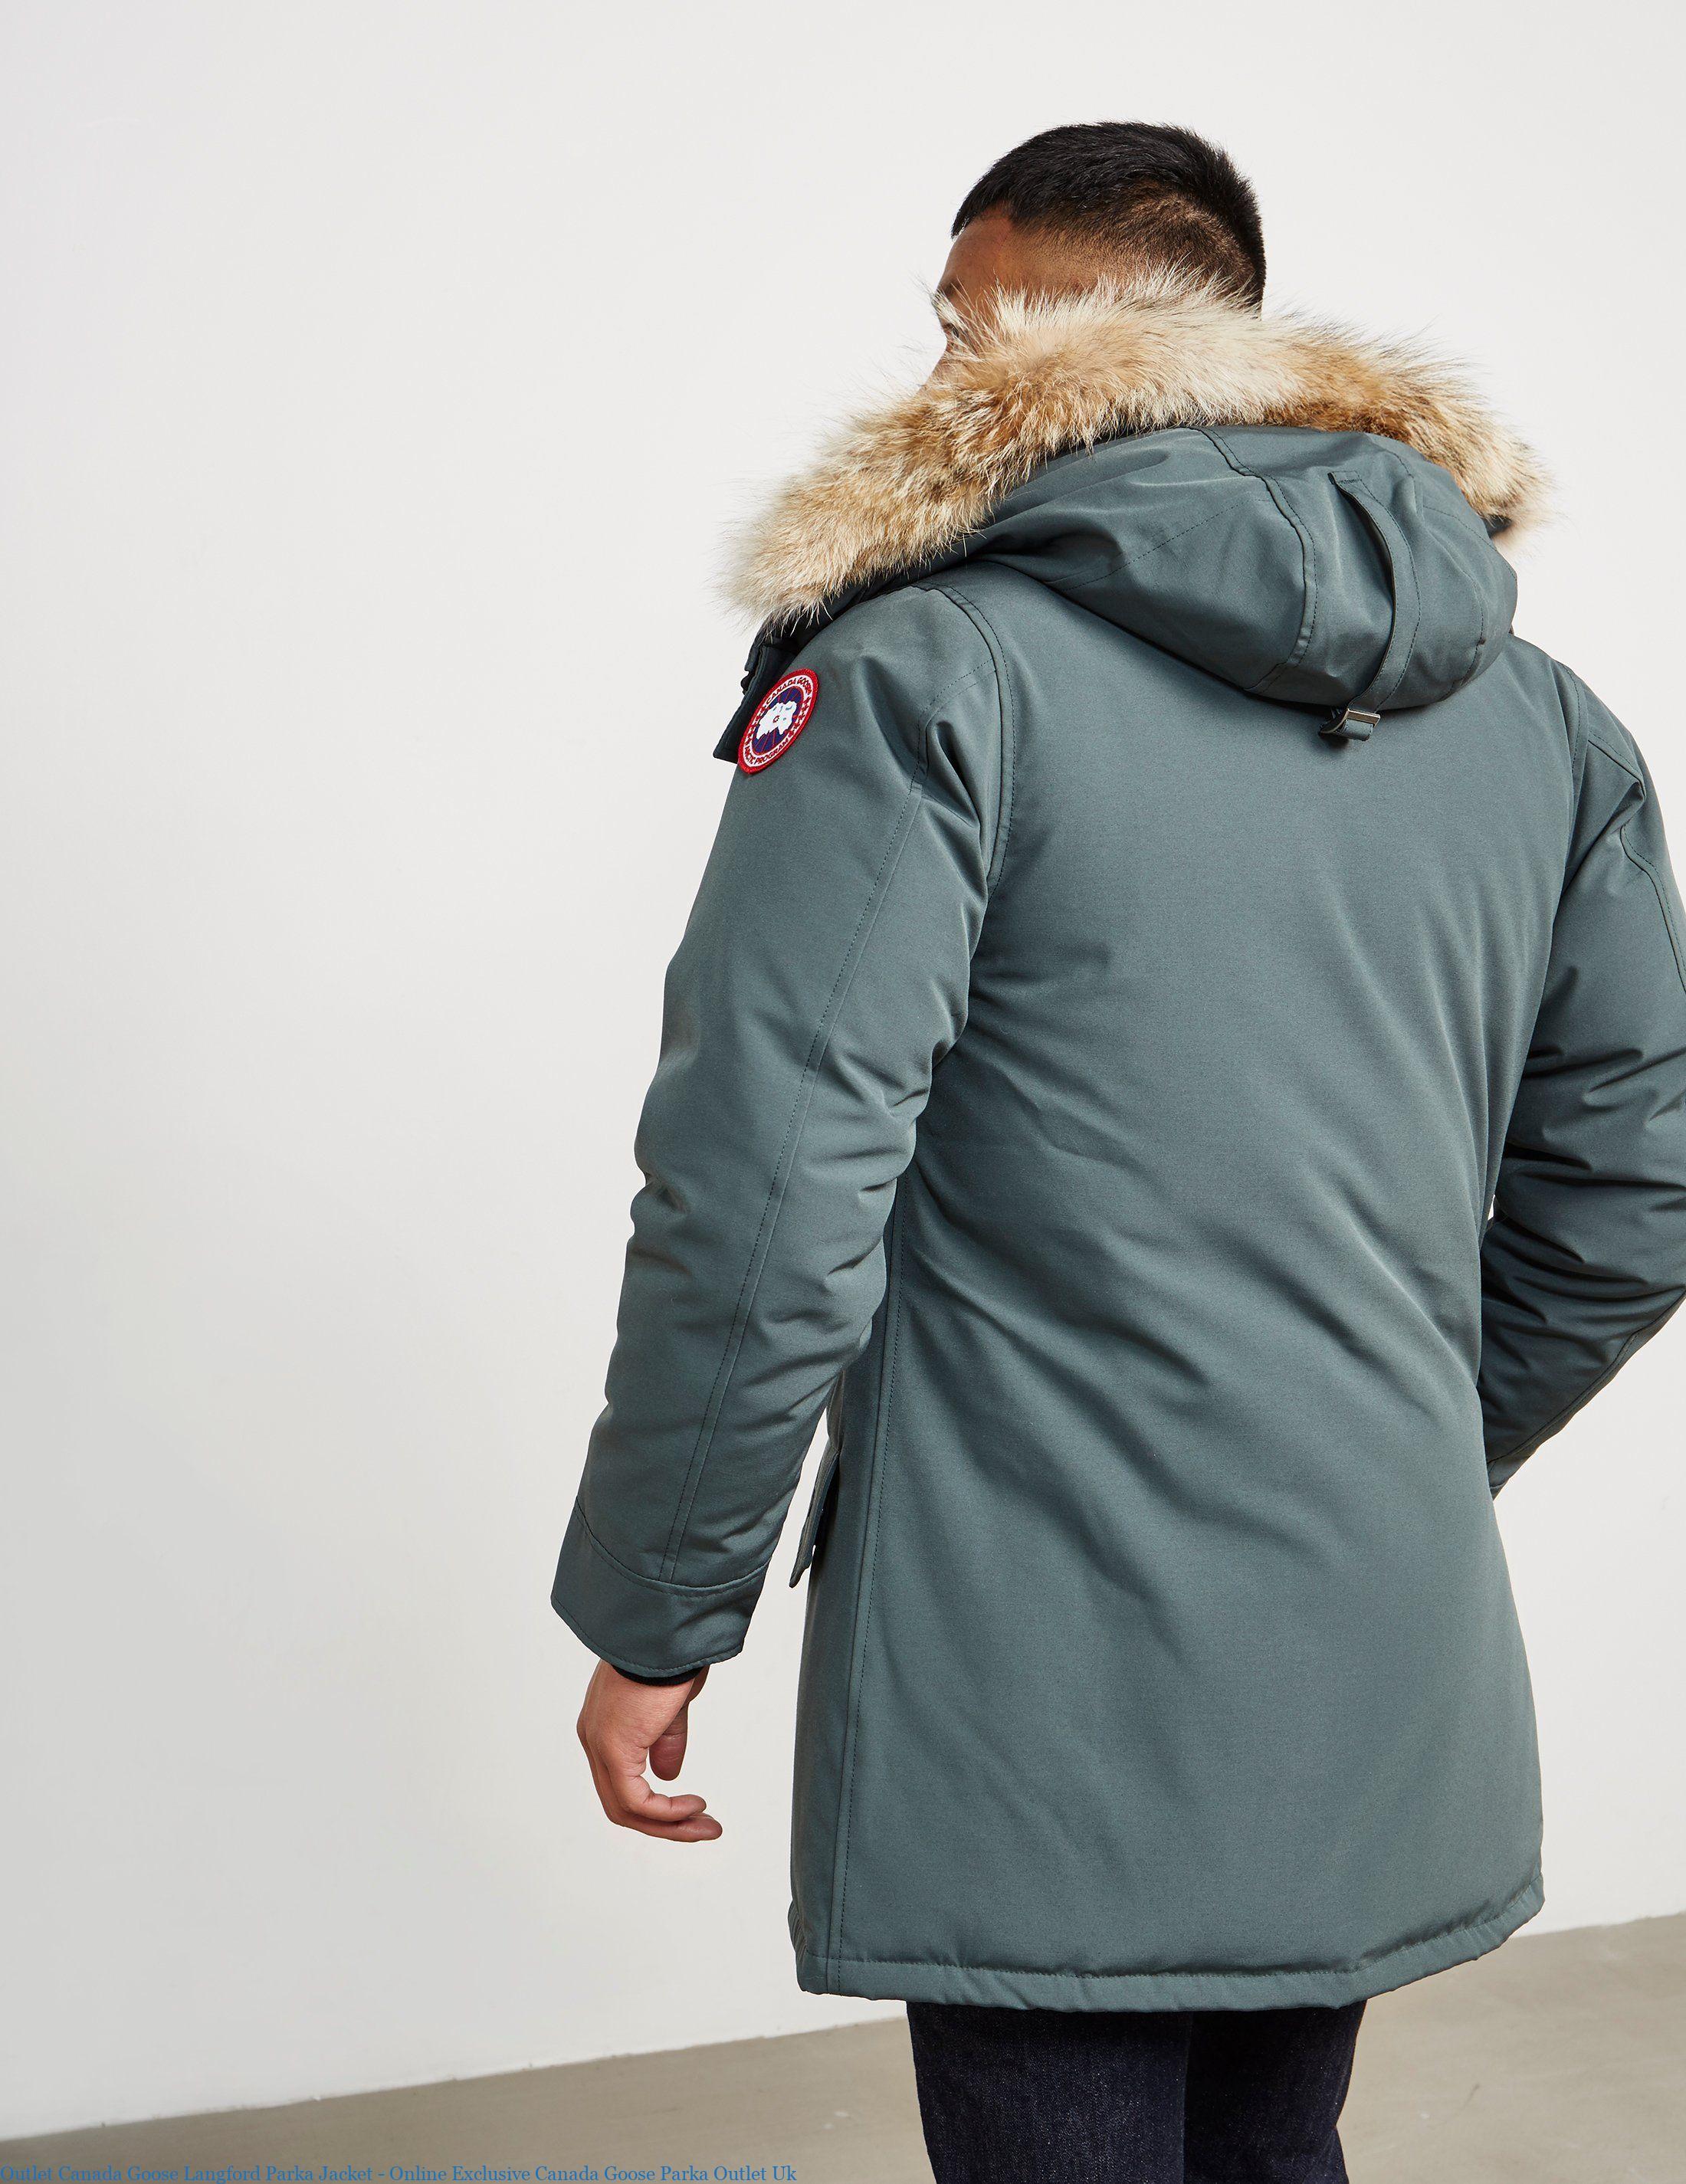 Parka Jacket Uk